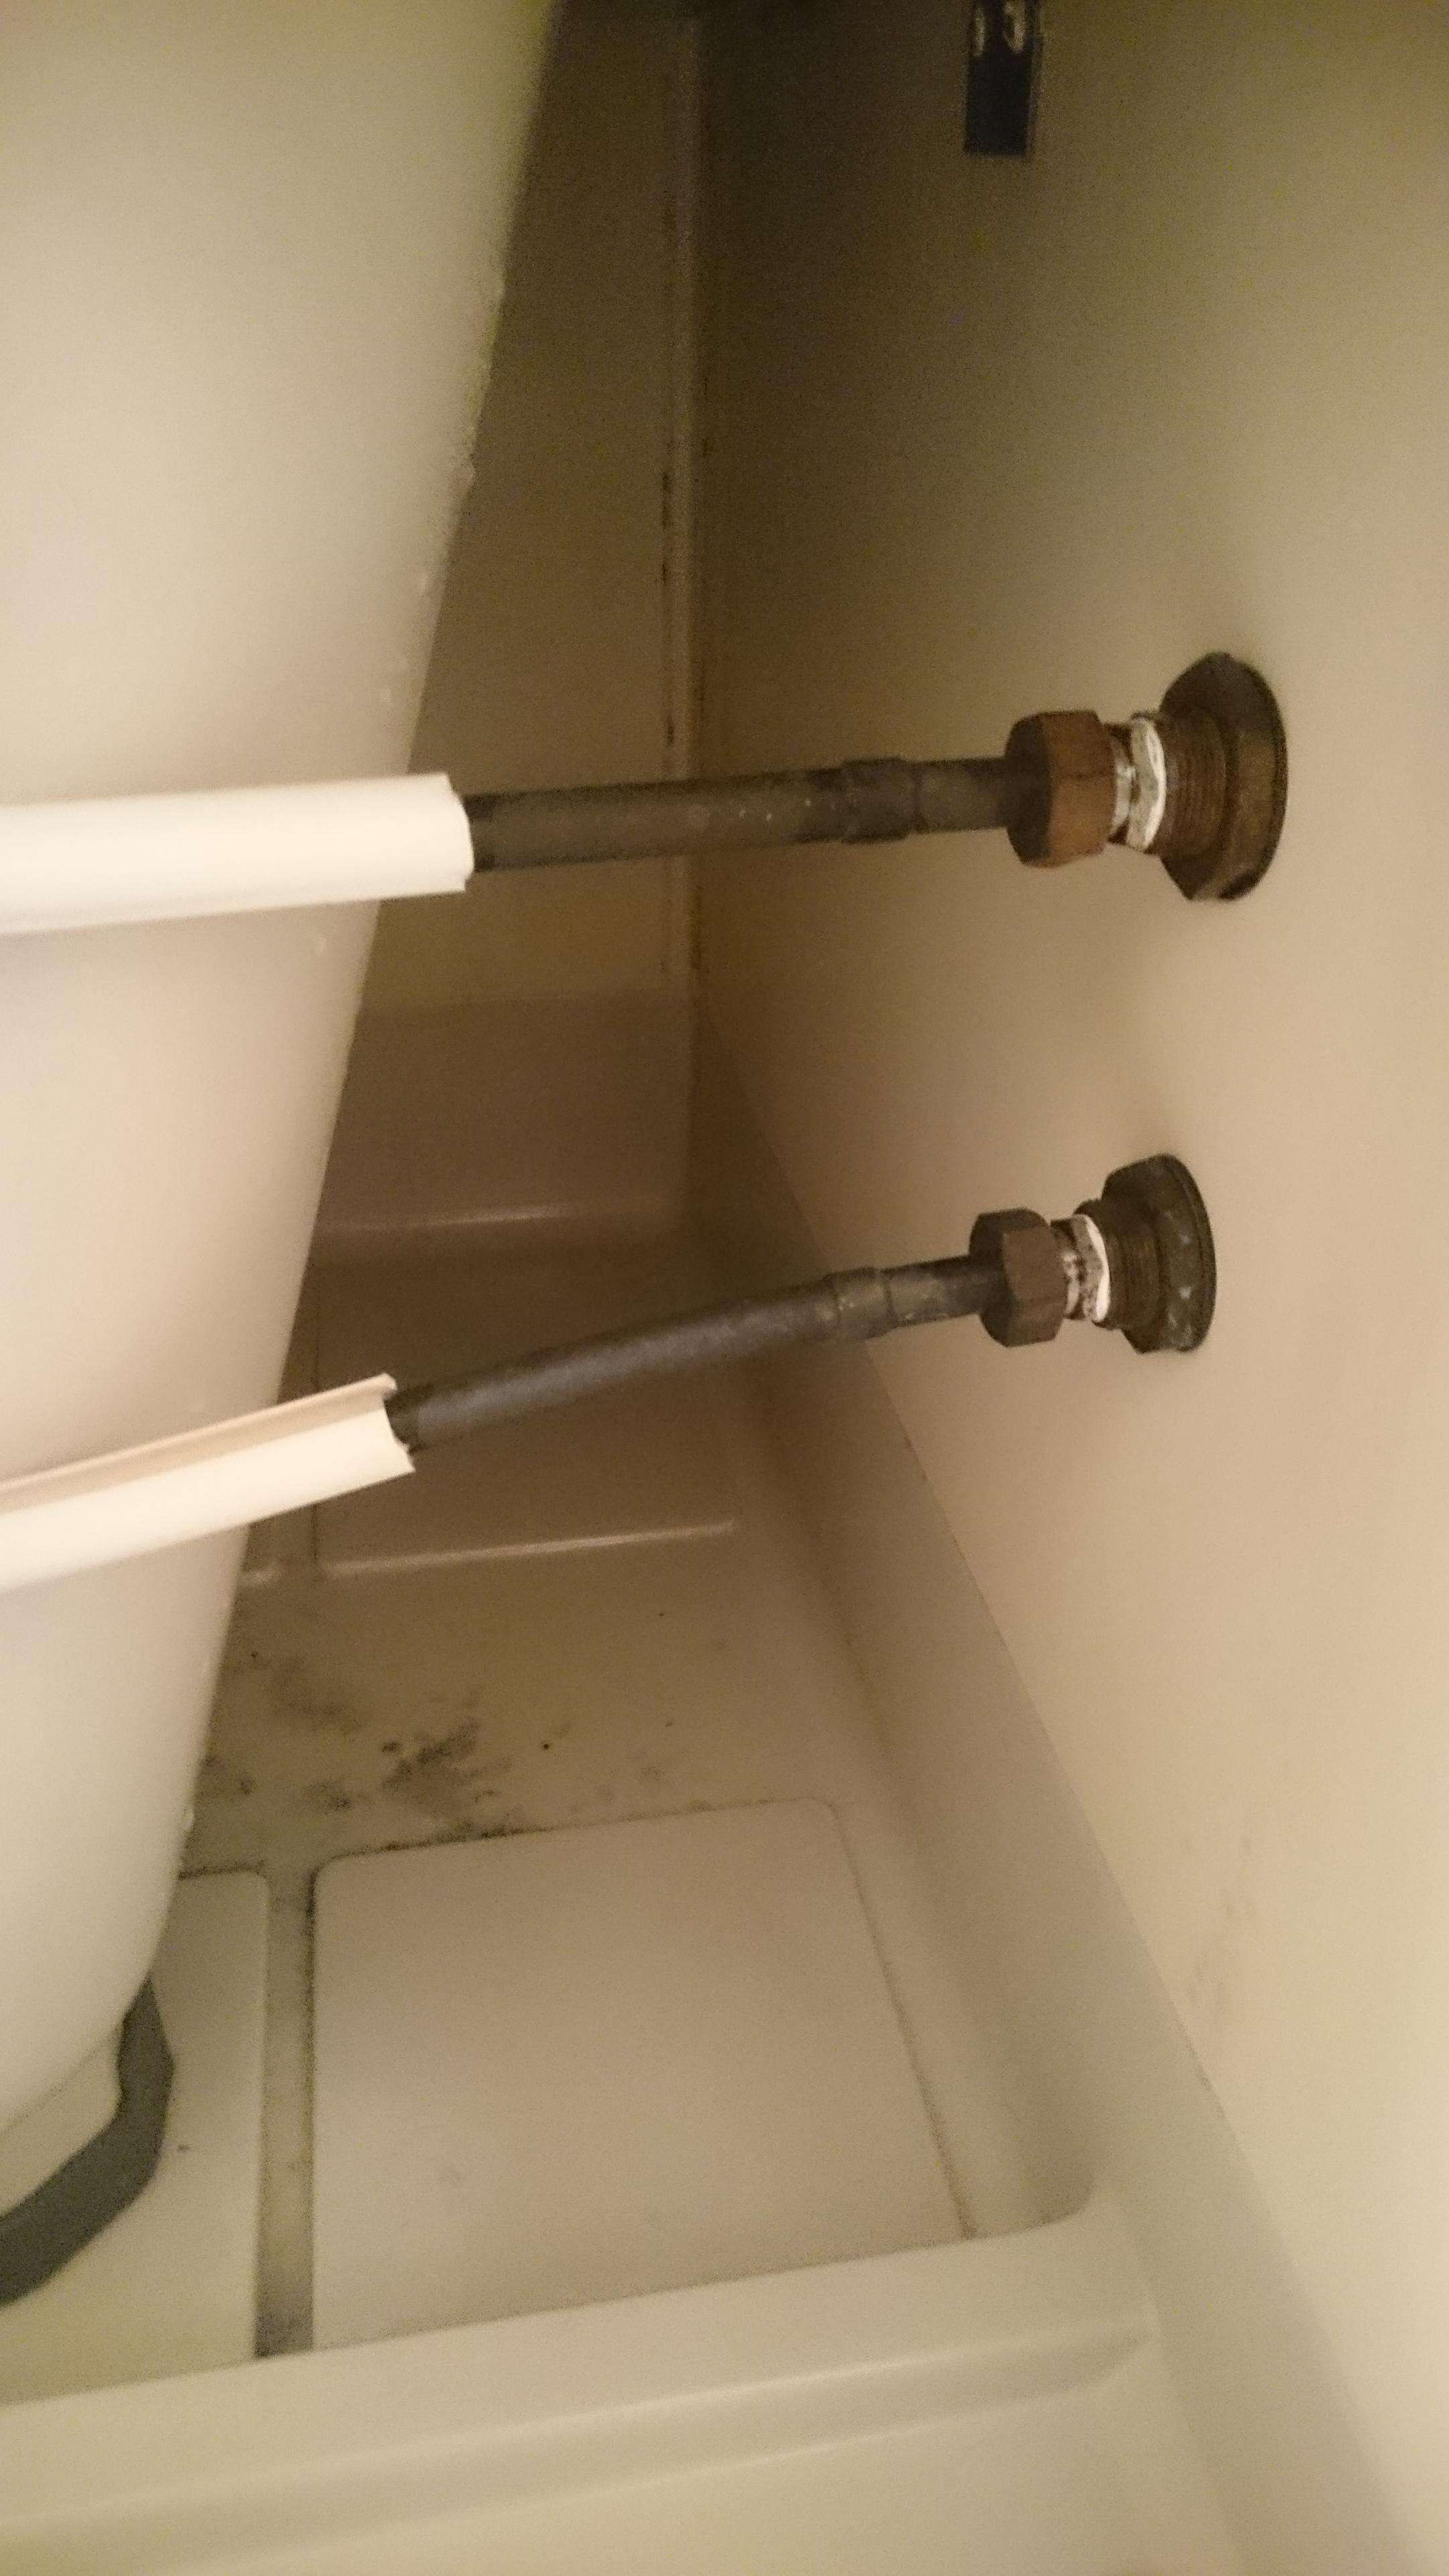 浴槽裏側(エプロン)の汚れやカビ 清掃後